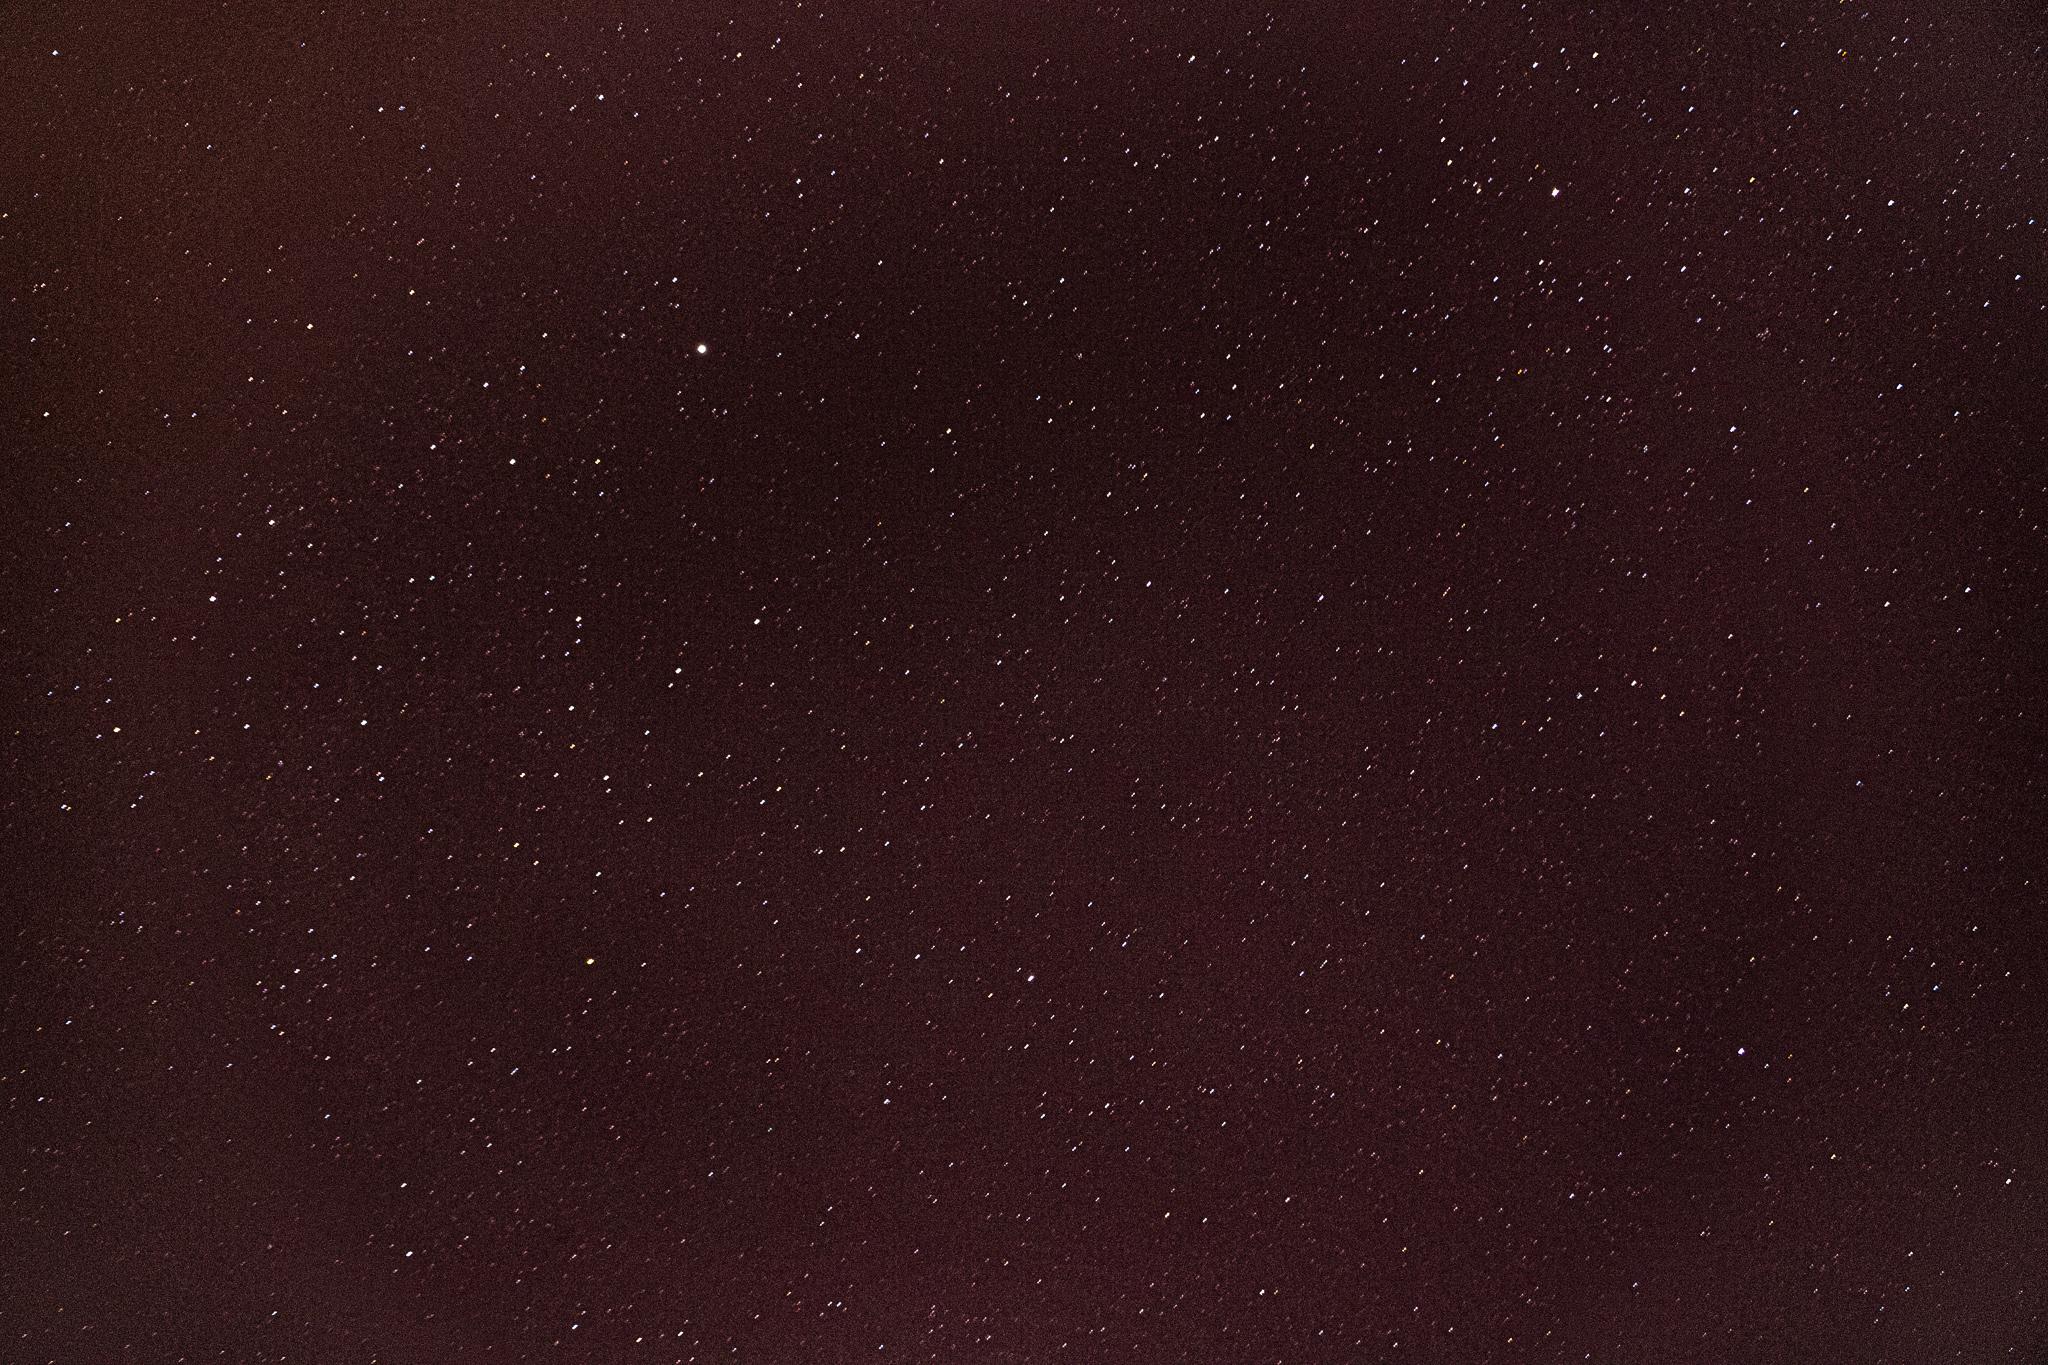 恒星 Héngxīng – star